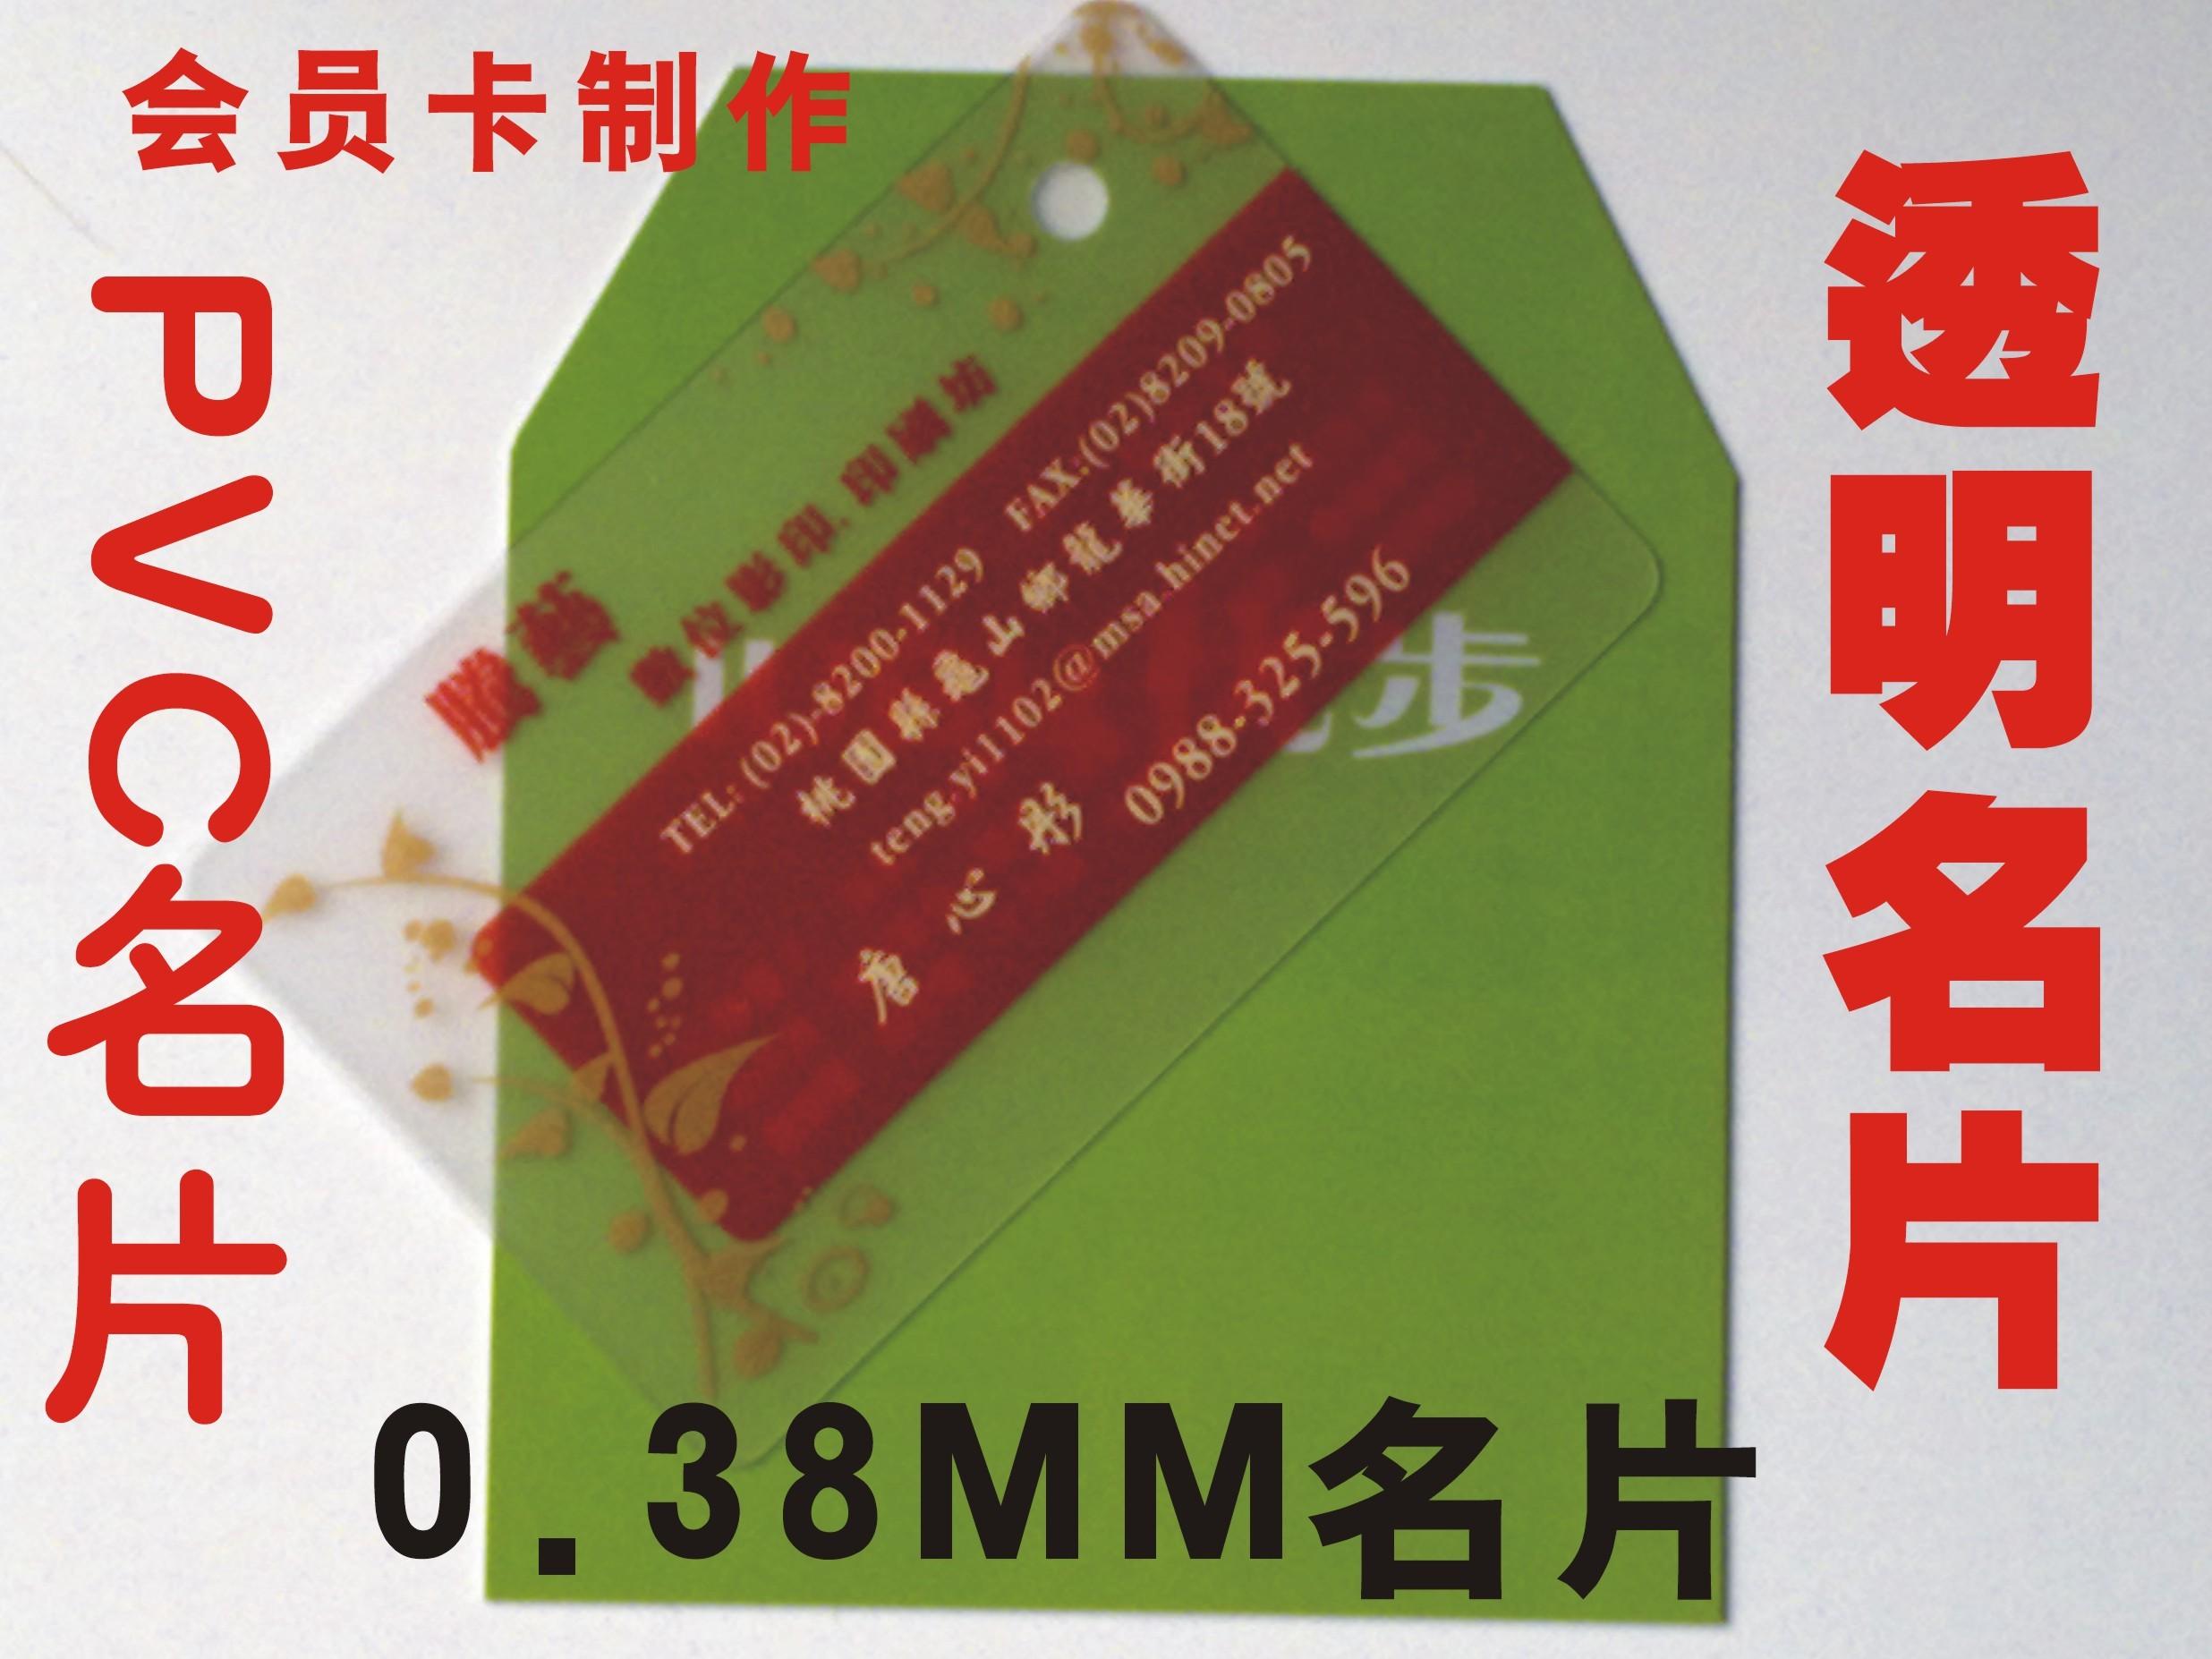 Бесплатный дизайн ~ визитные карточки, членские карты, ПВХ карты, карты 1000